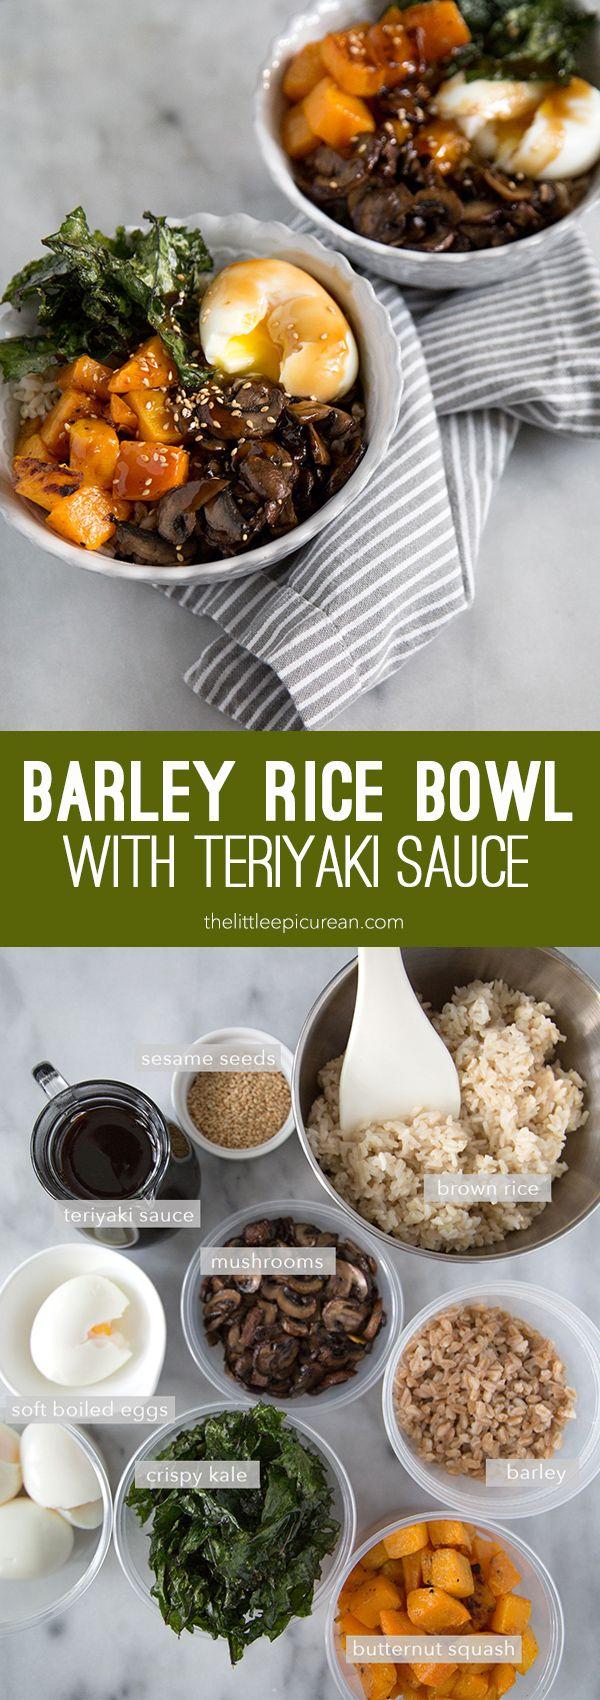 Barley Rice Bowl with Teriyaki Sauce